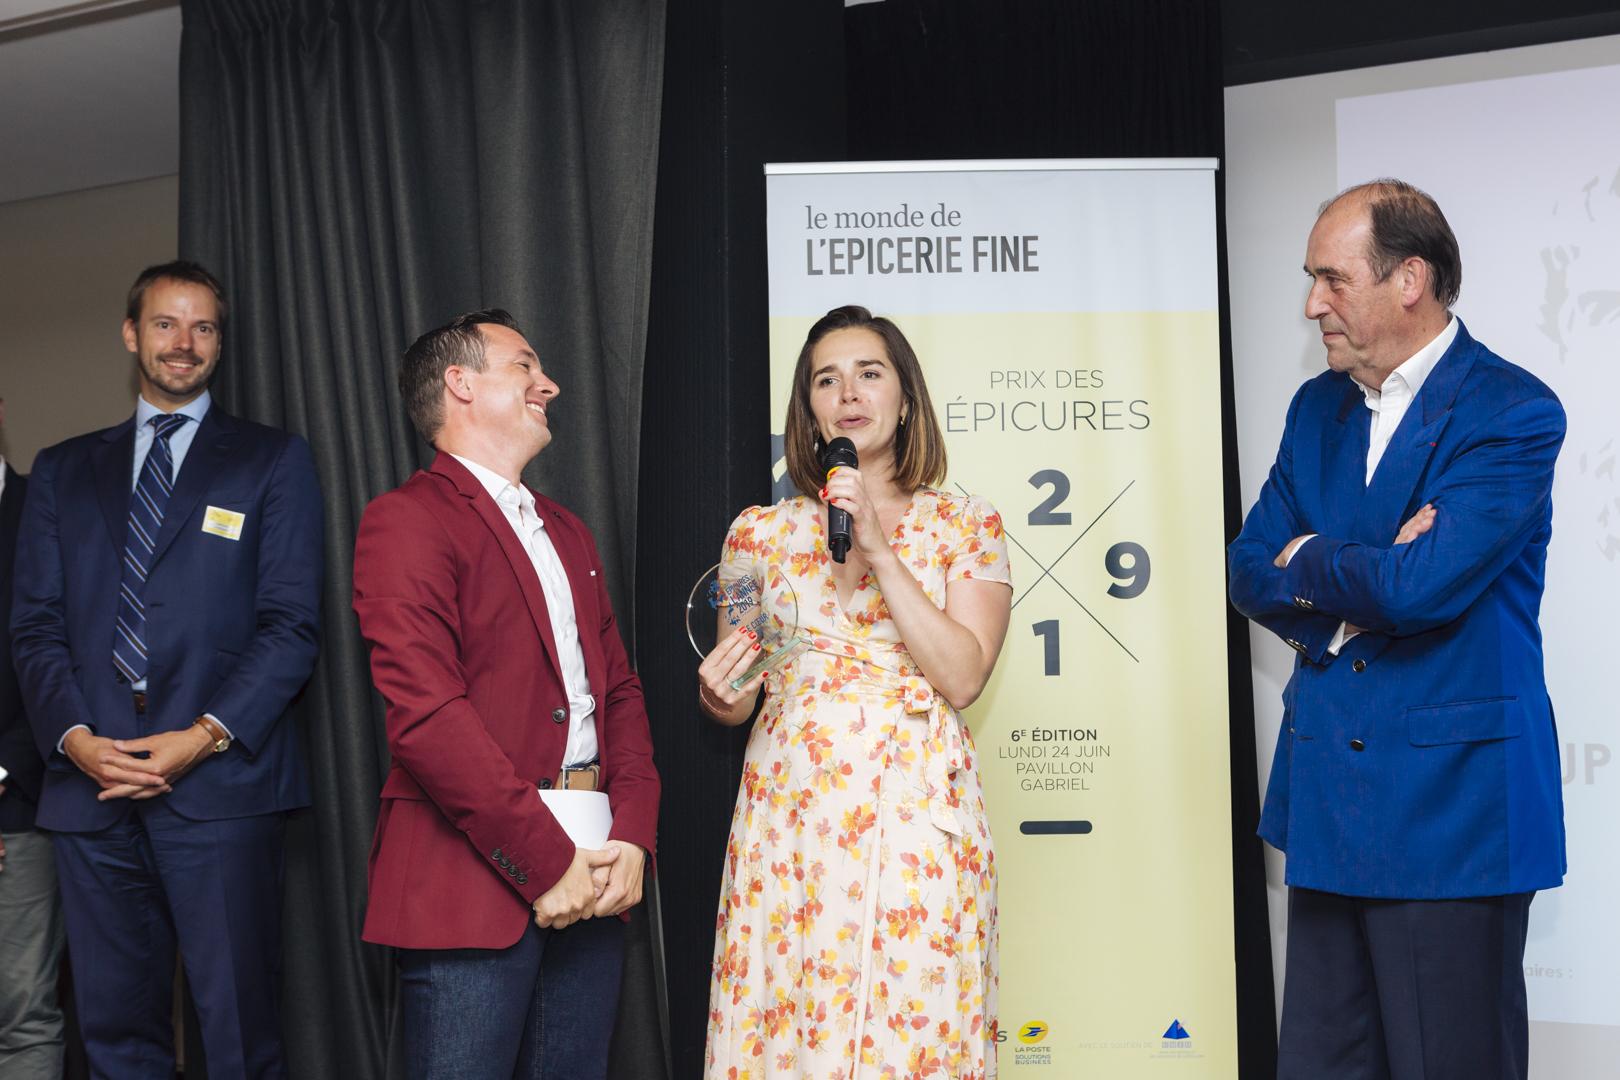 Prix des Epicures 6e edition